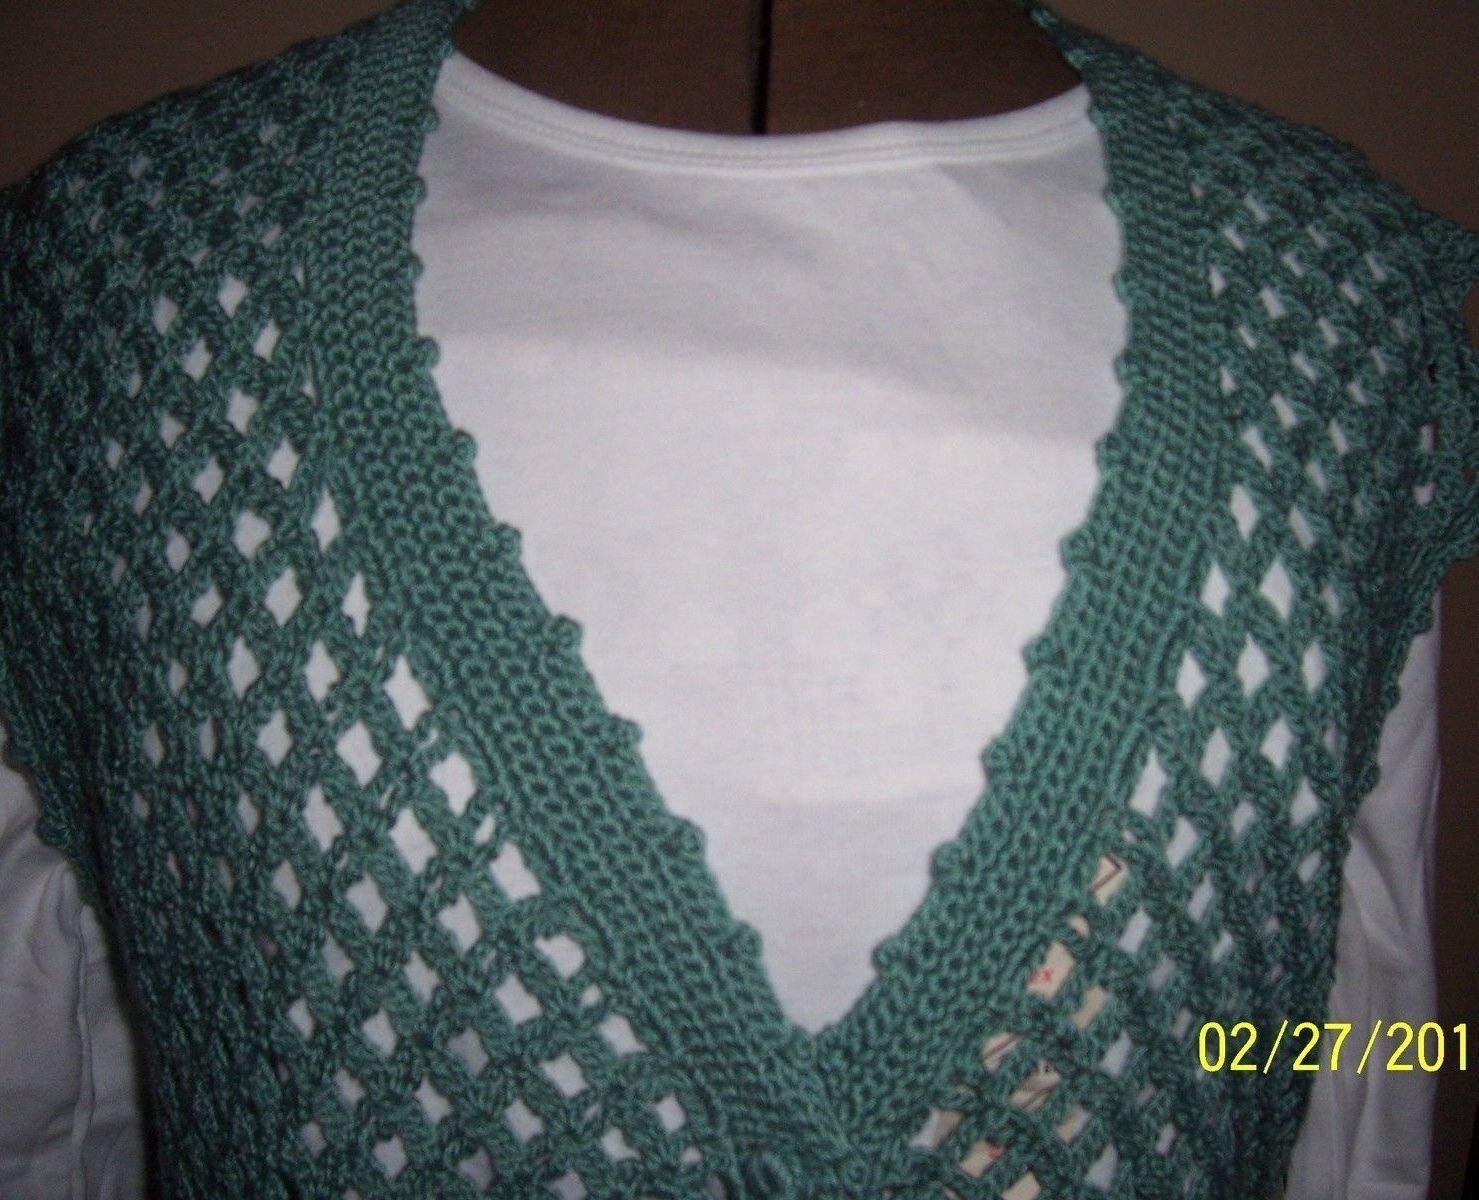 Crocheted Cotton Blend Ladies Ladies Ladies Vest Sweater   Seafoam Green, Size M-L a78079